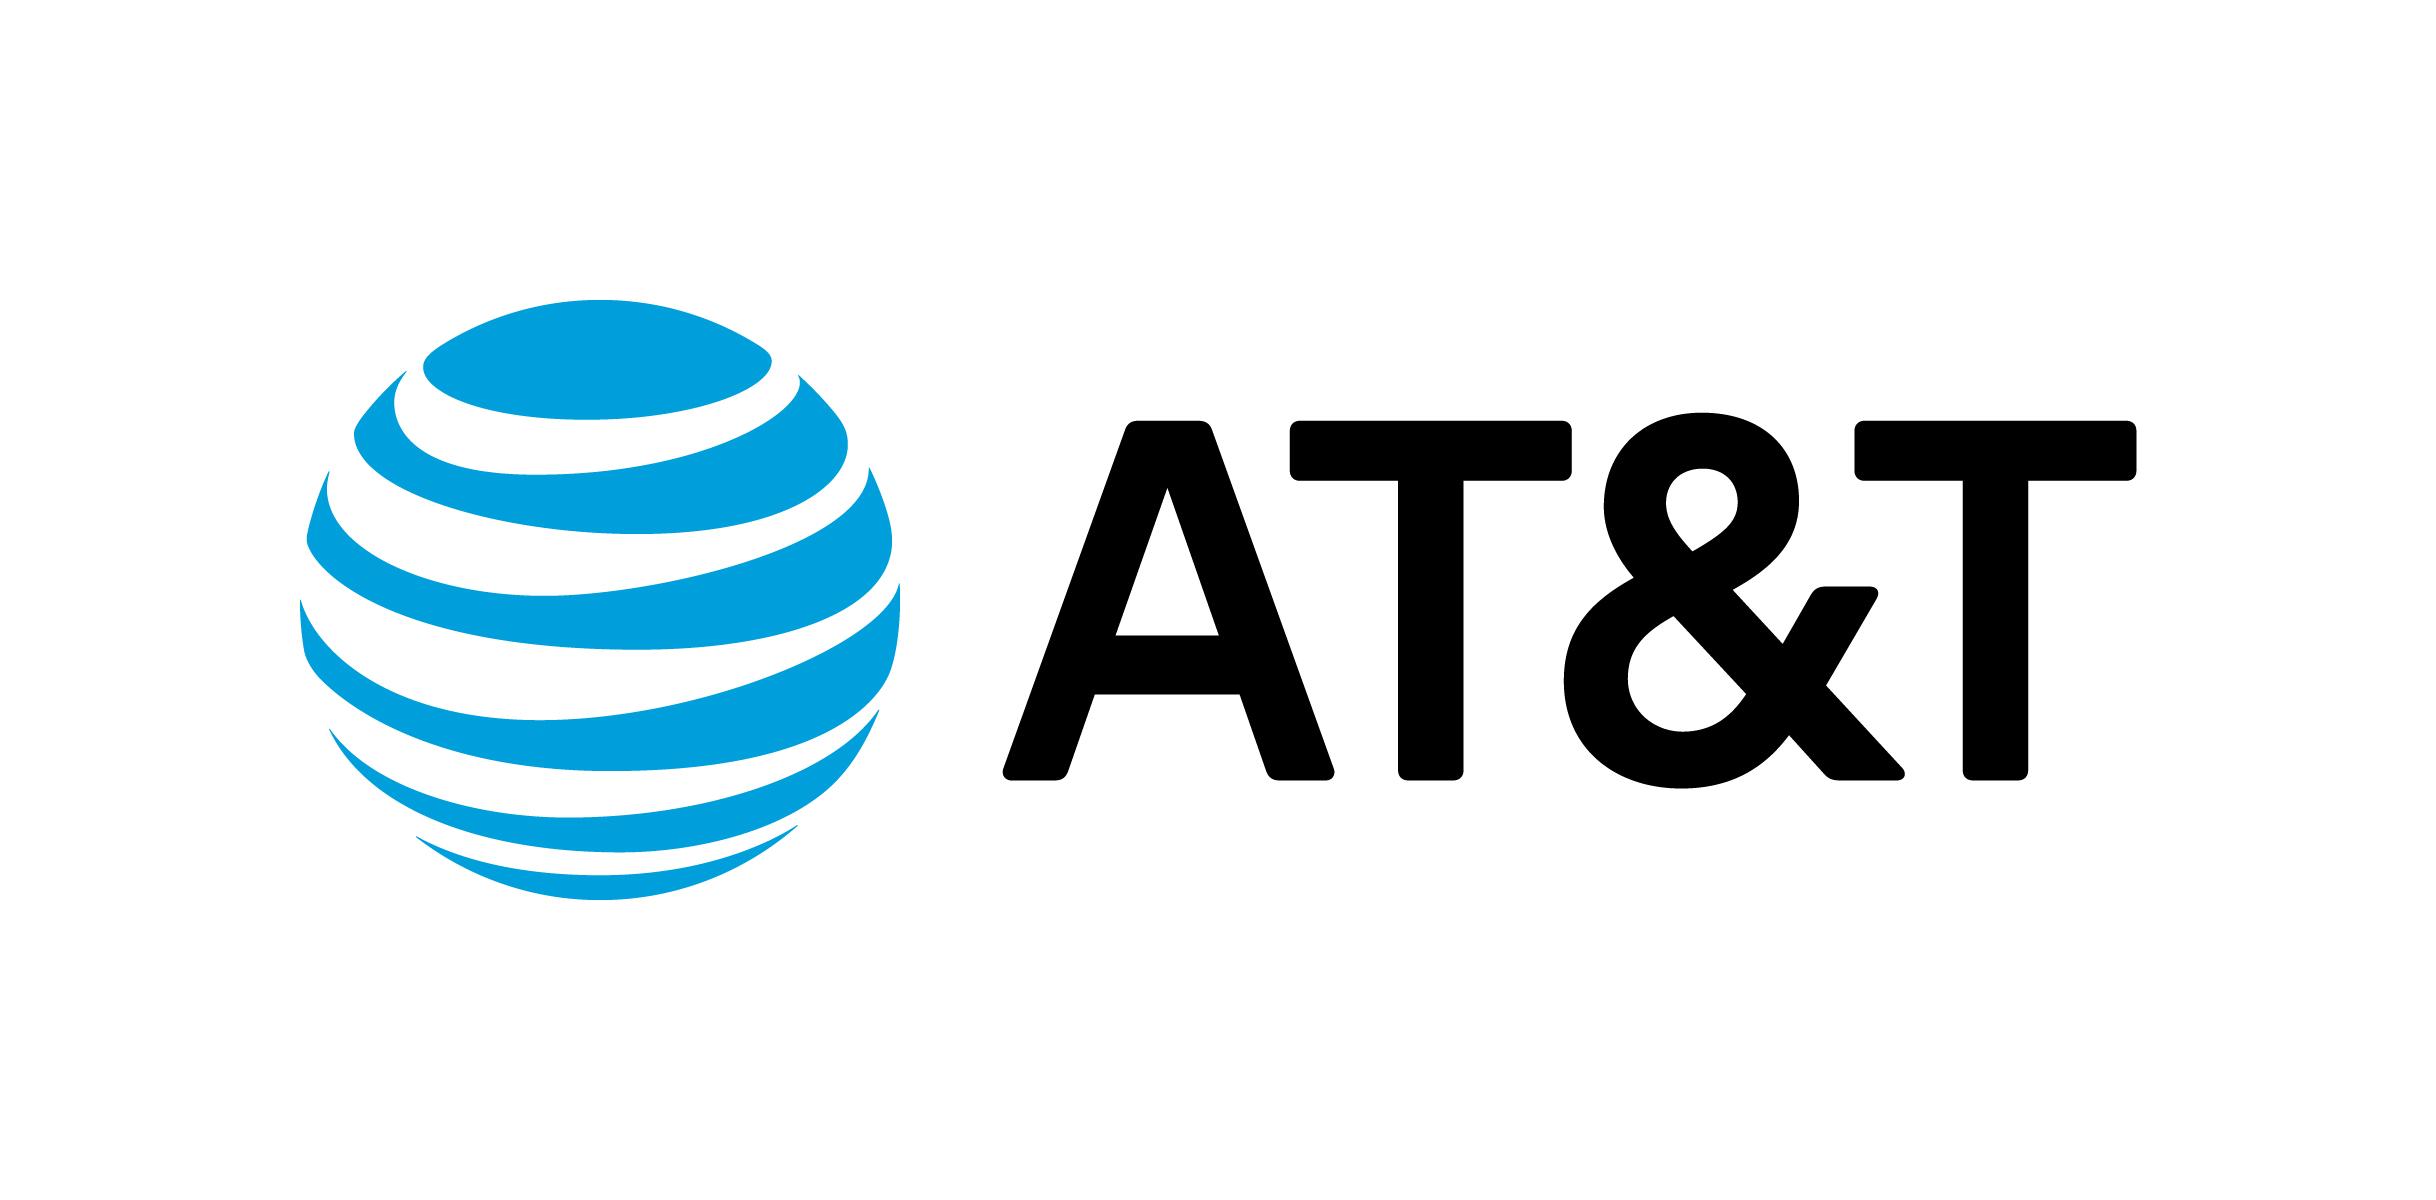 ATT Flat Logo 3.31.16